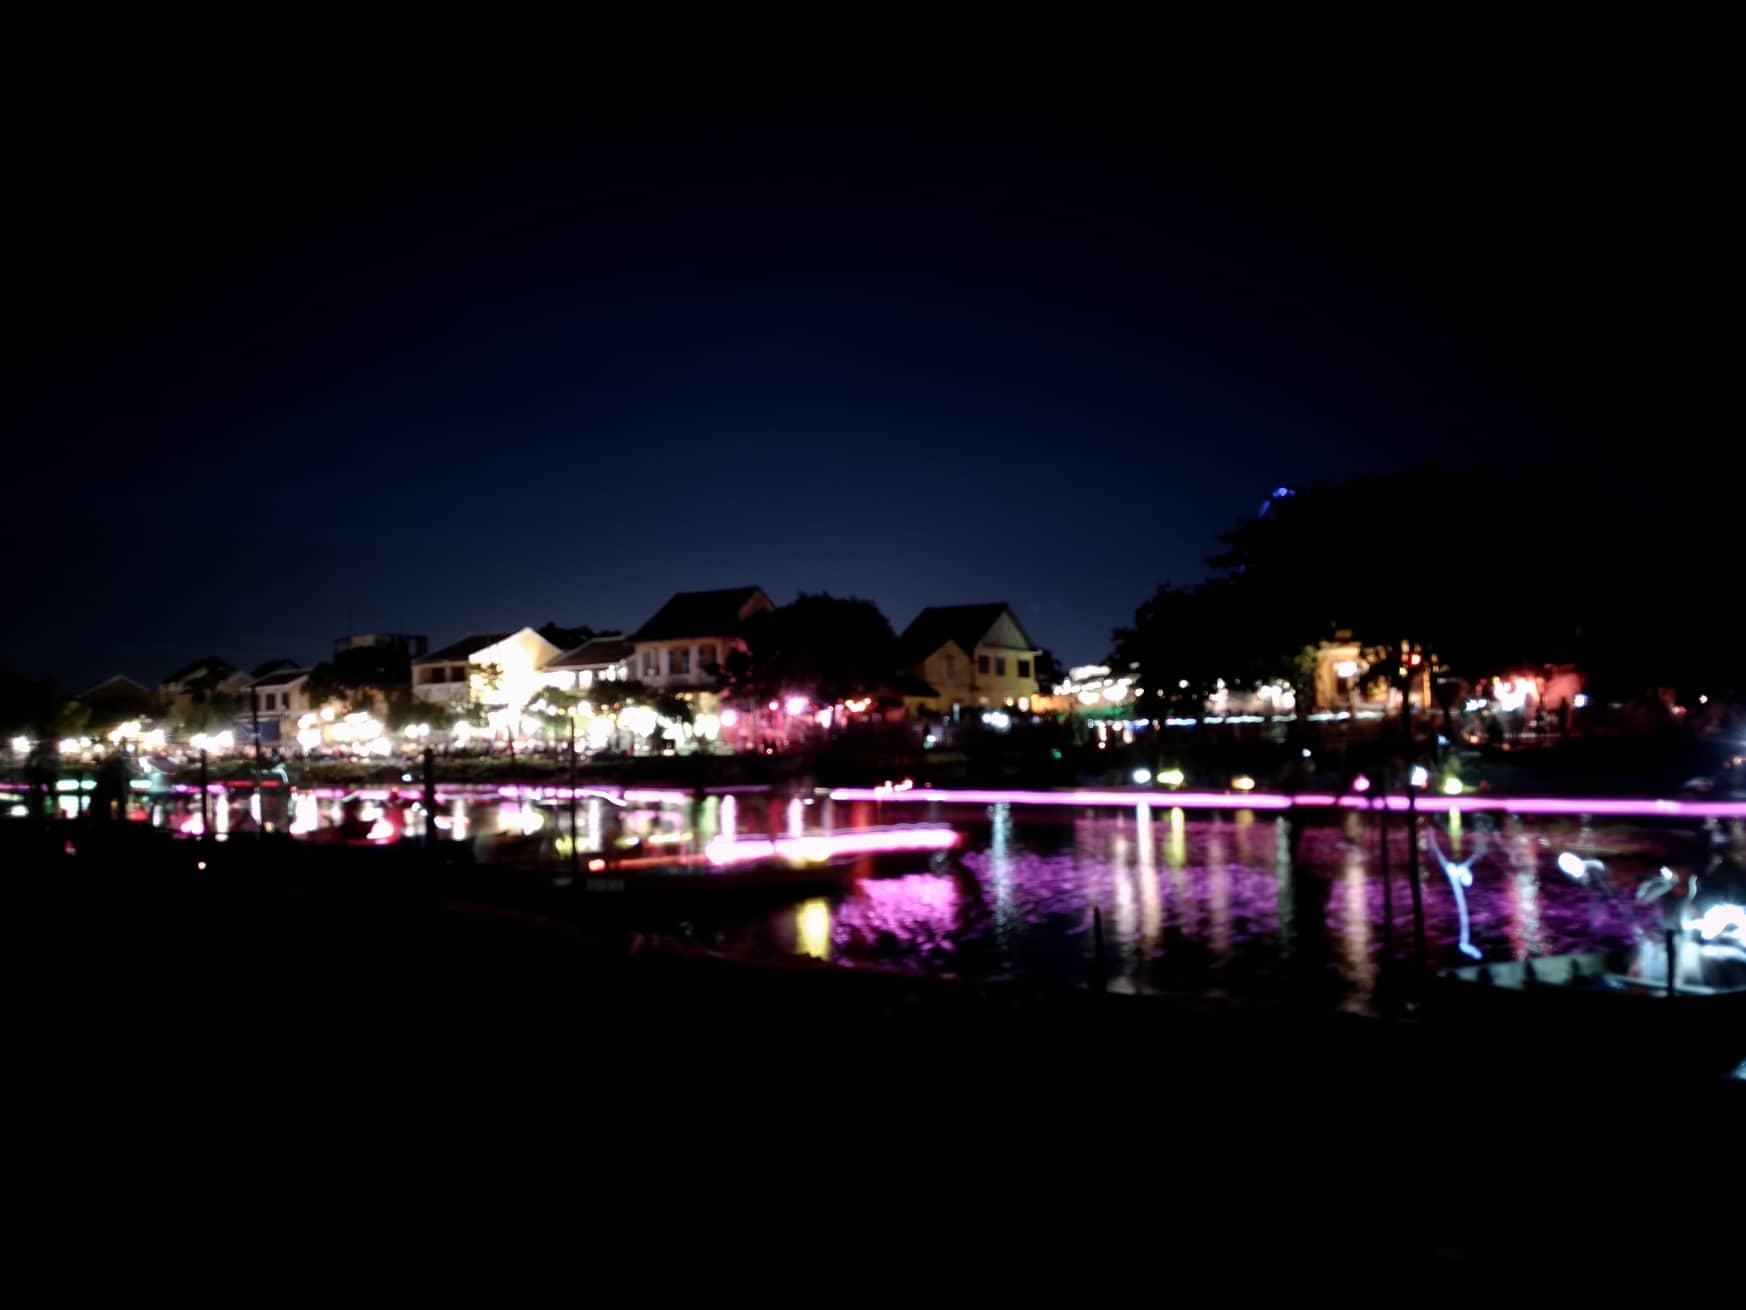 Hoi An Highlights - Thu Bon River, Hoi An Ancient town at night